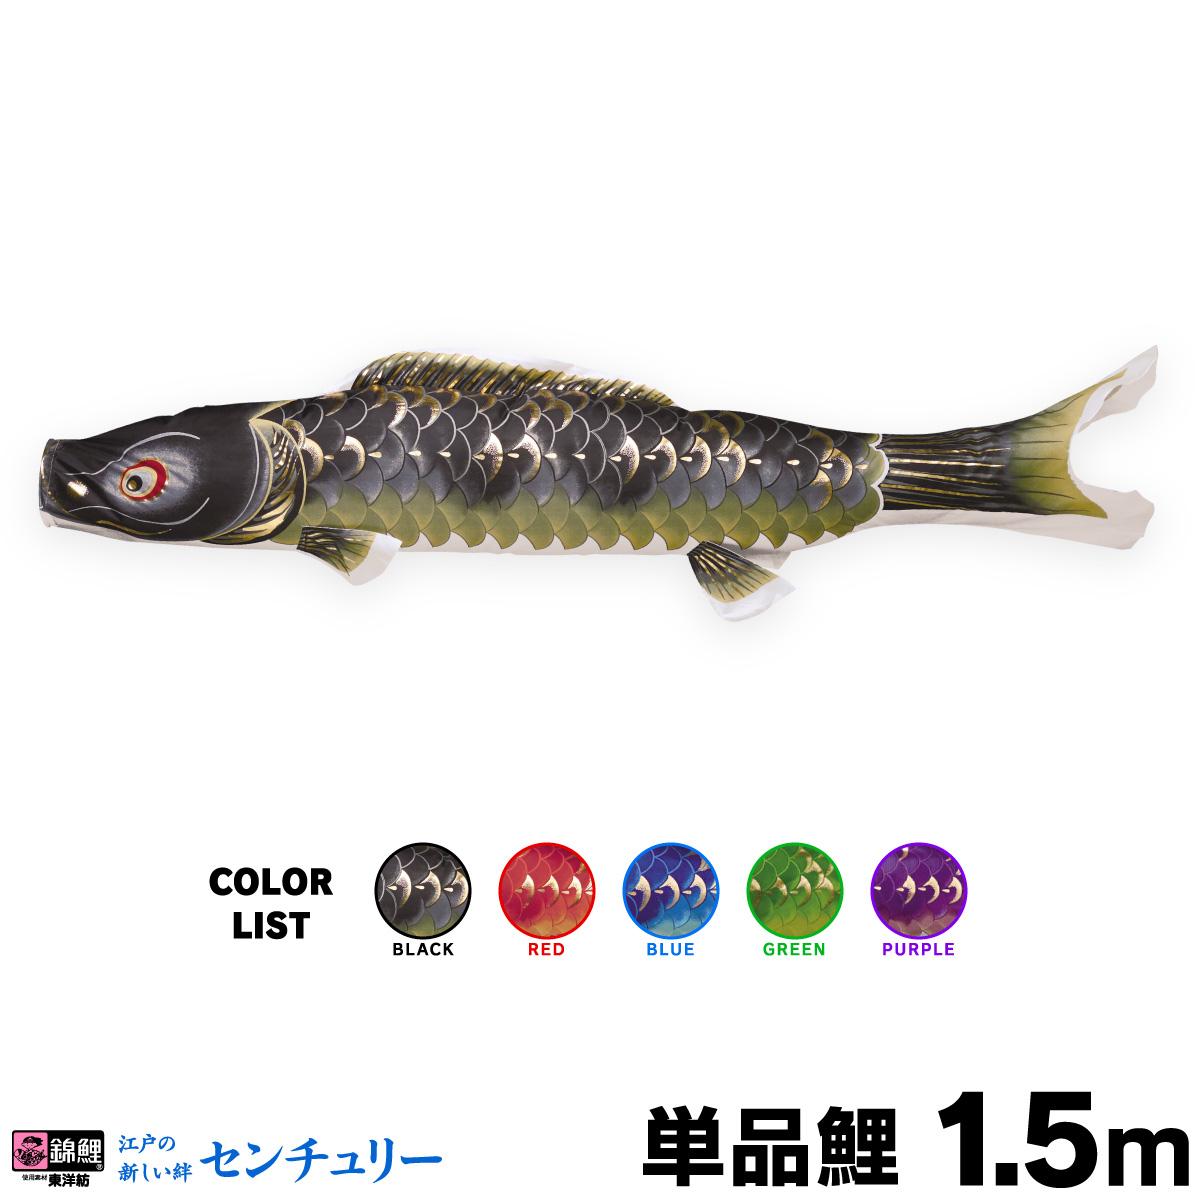 【こいのぼり 単品】 センチュリー 1.5m 単品鯉